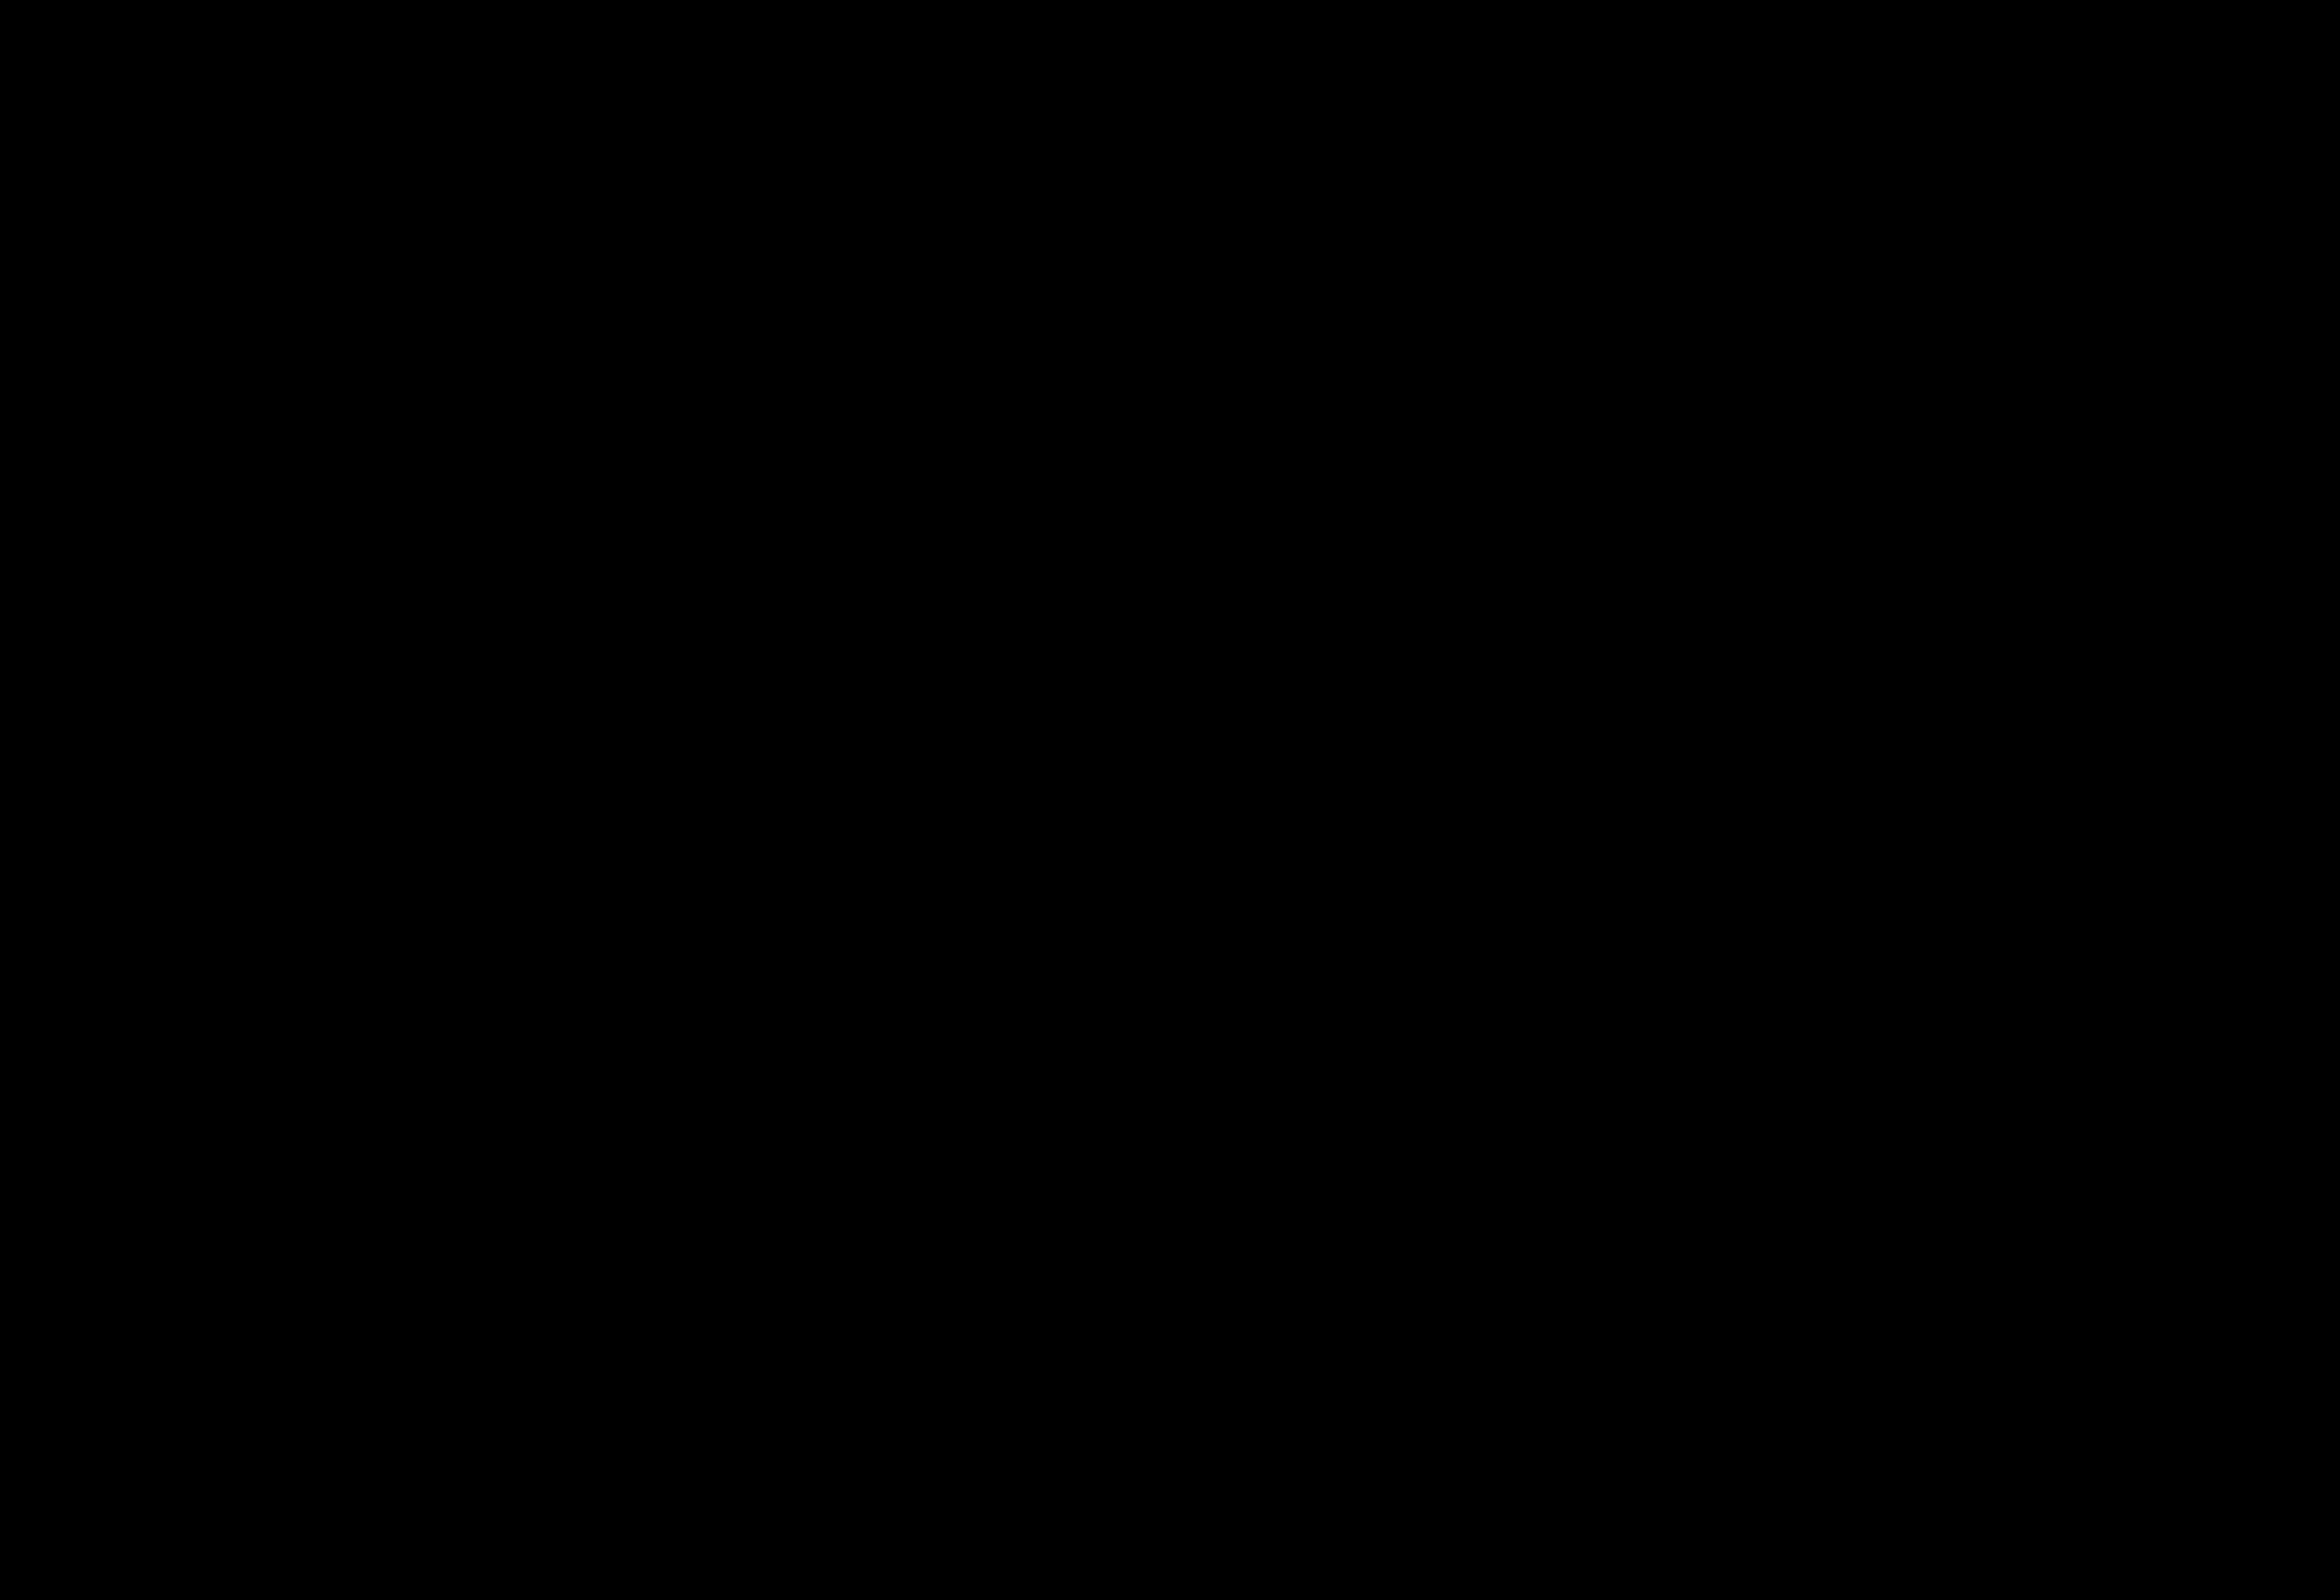 Florianne Vuillamy